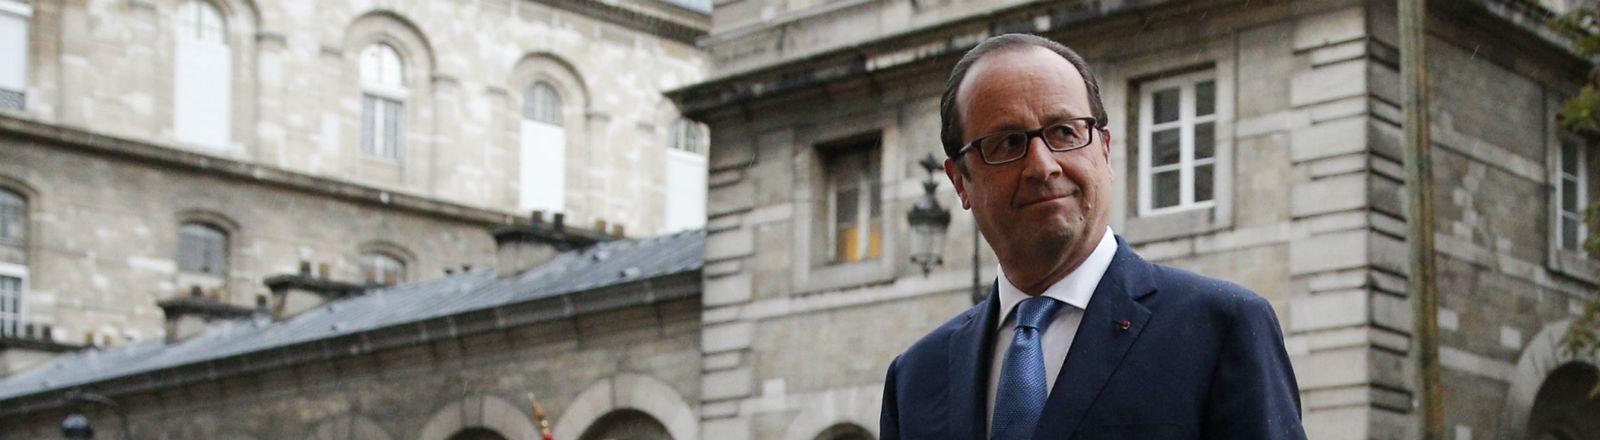 Frankreichs Präsident François Hollande lugt um die Ecke. Bild: dpa